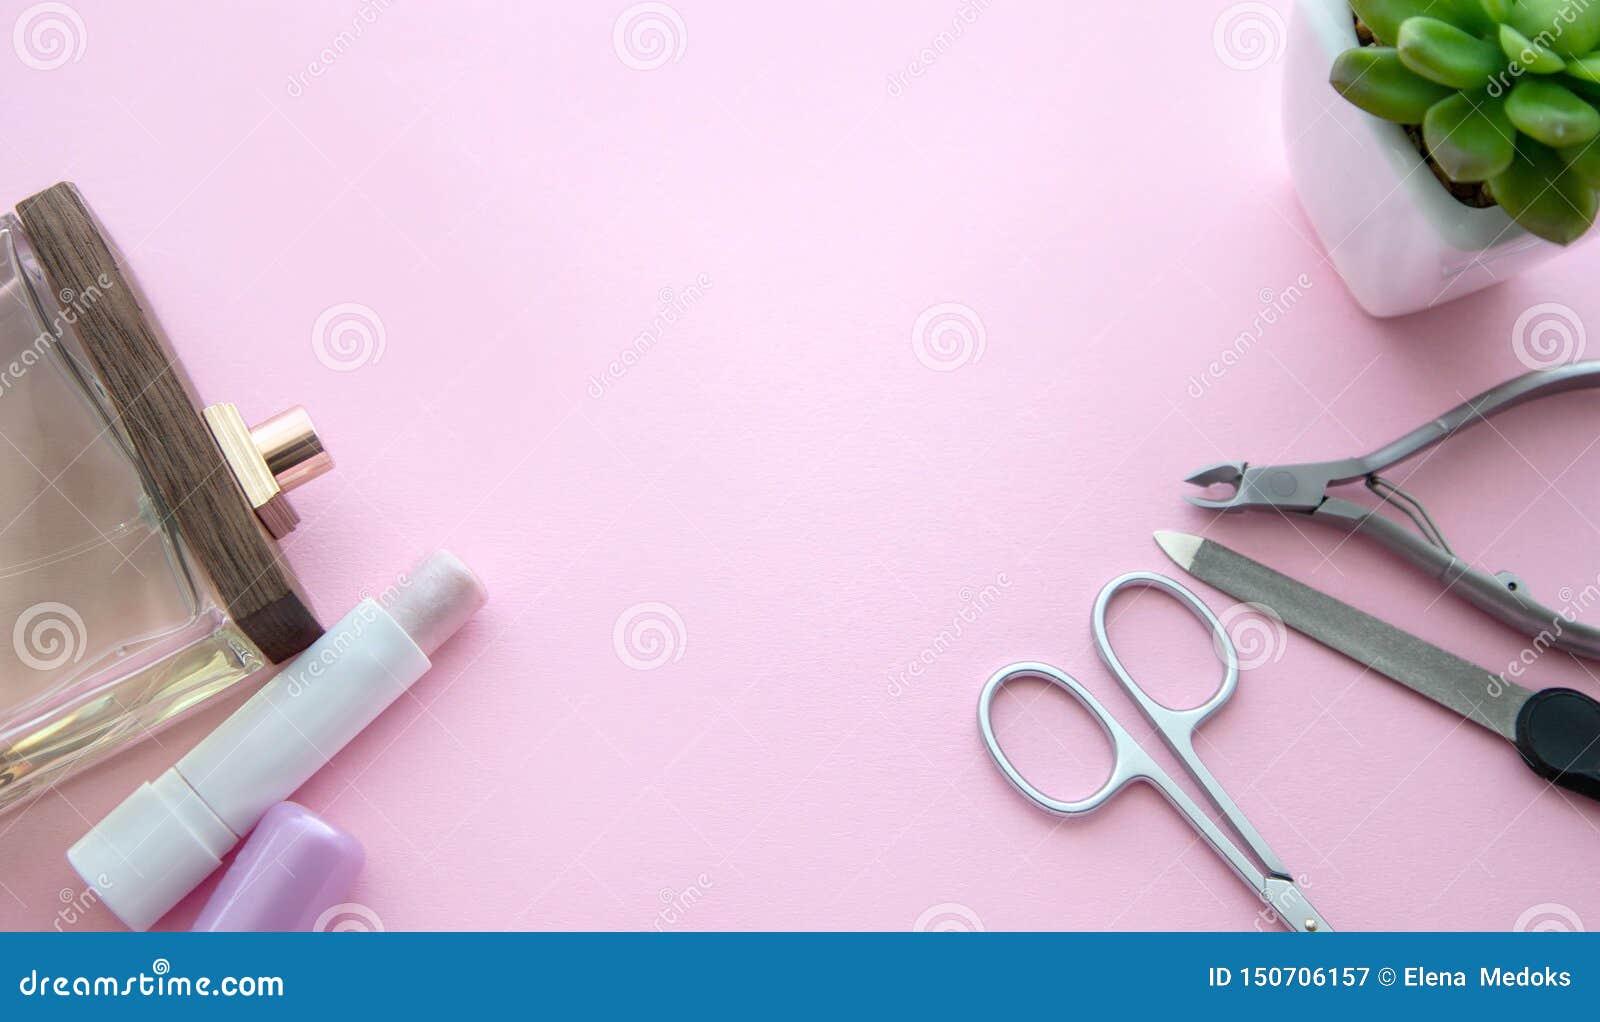 Roze lippenstift, parfumfles, manicureschaar, nagelvijl, opperhuidtangen en groene bloem in een witte pot op een roze achtergrond